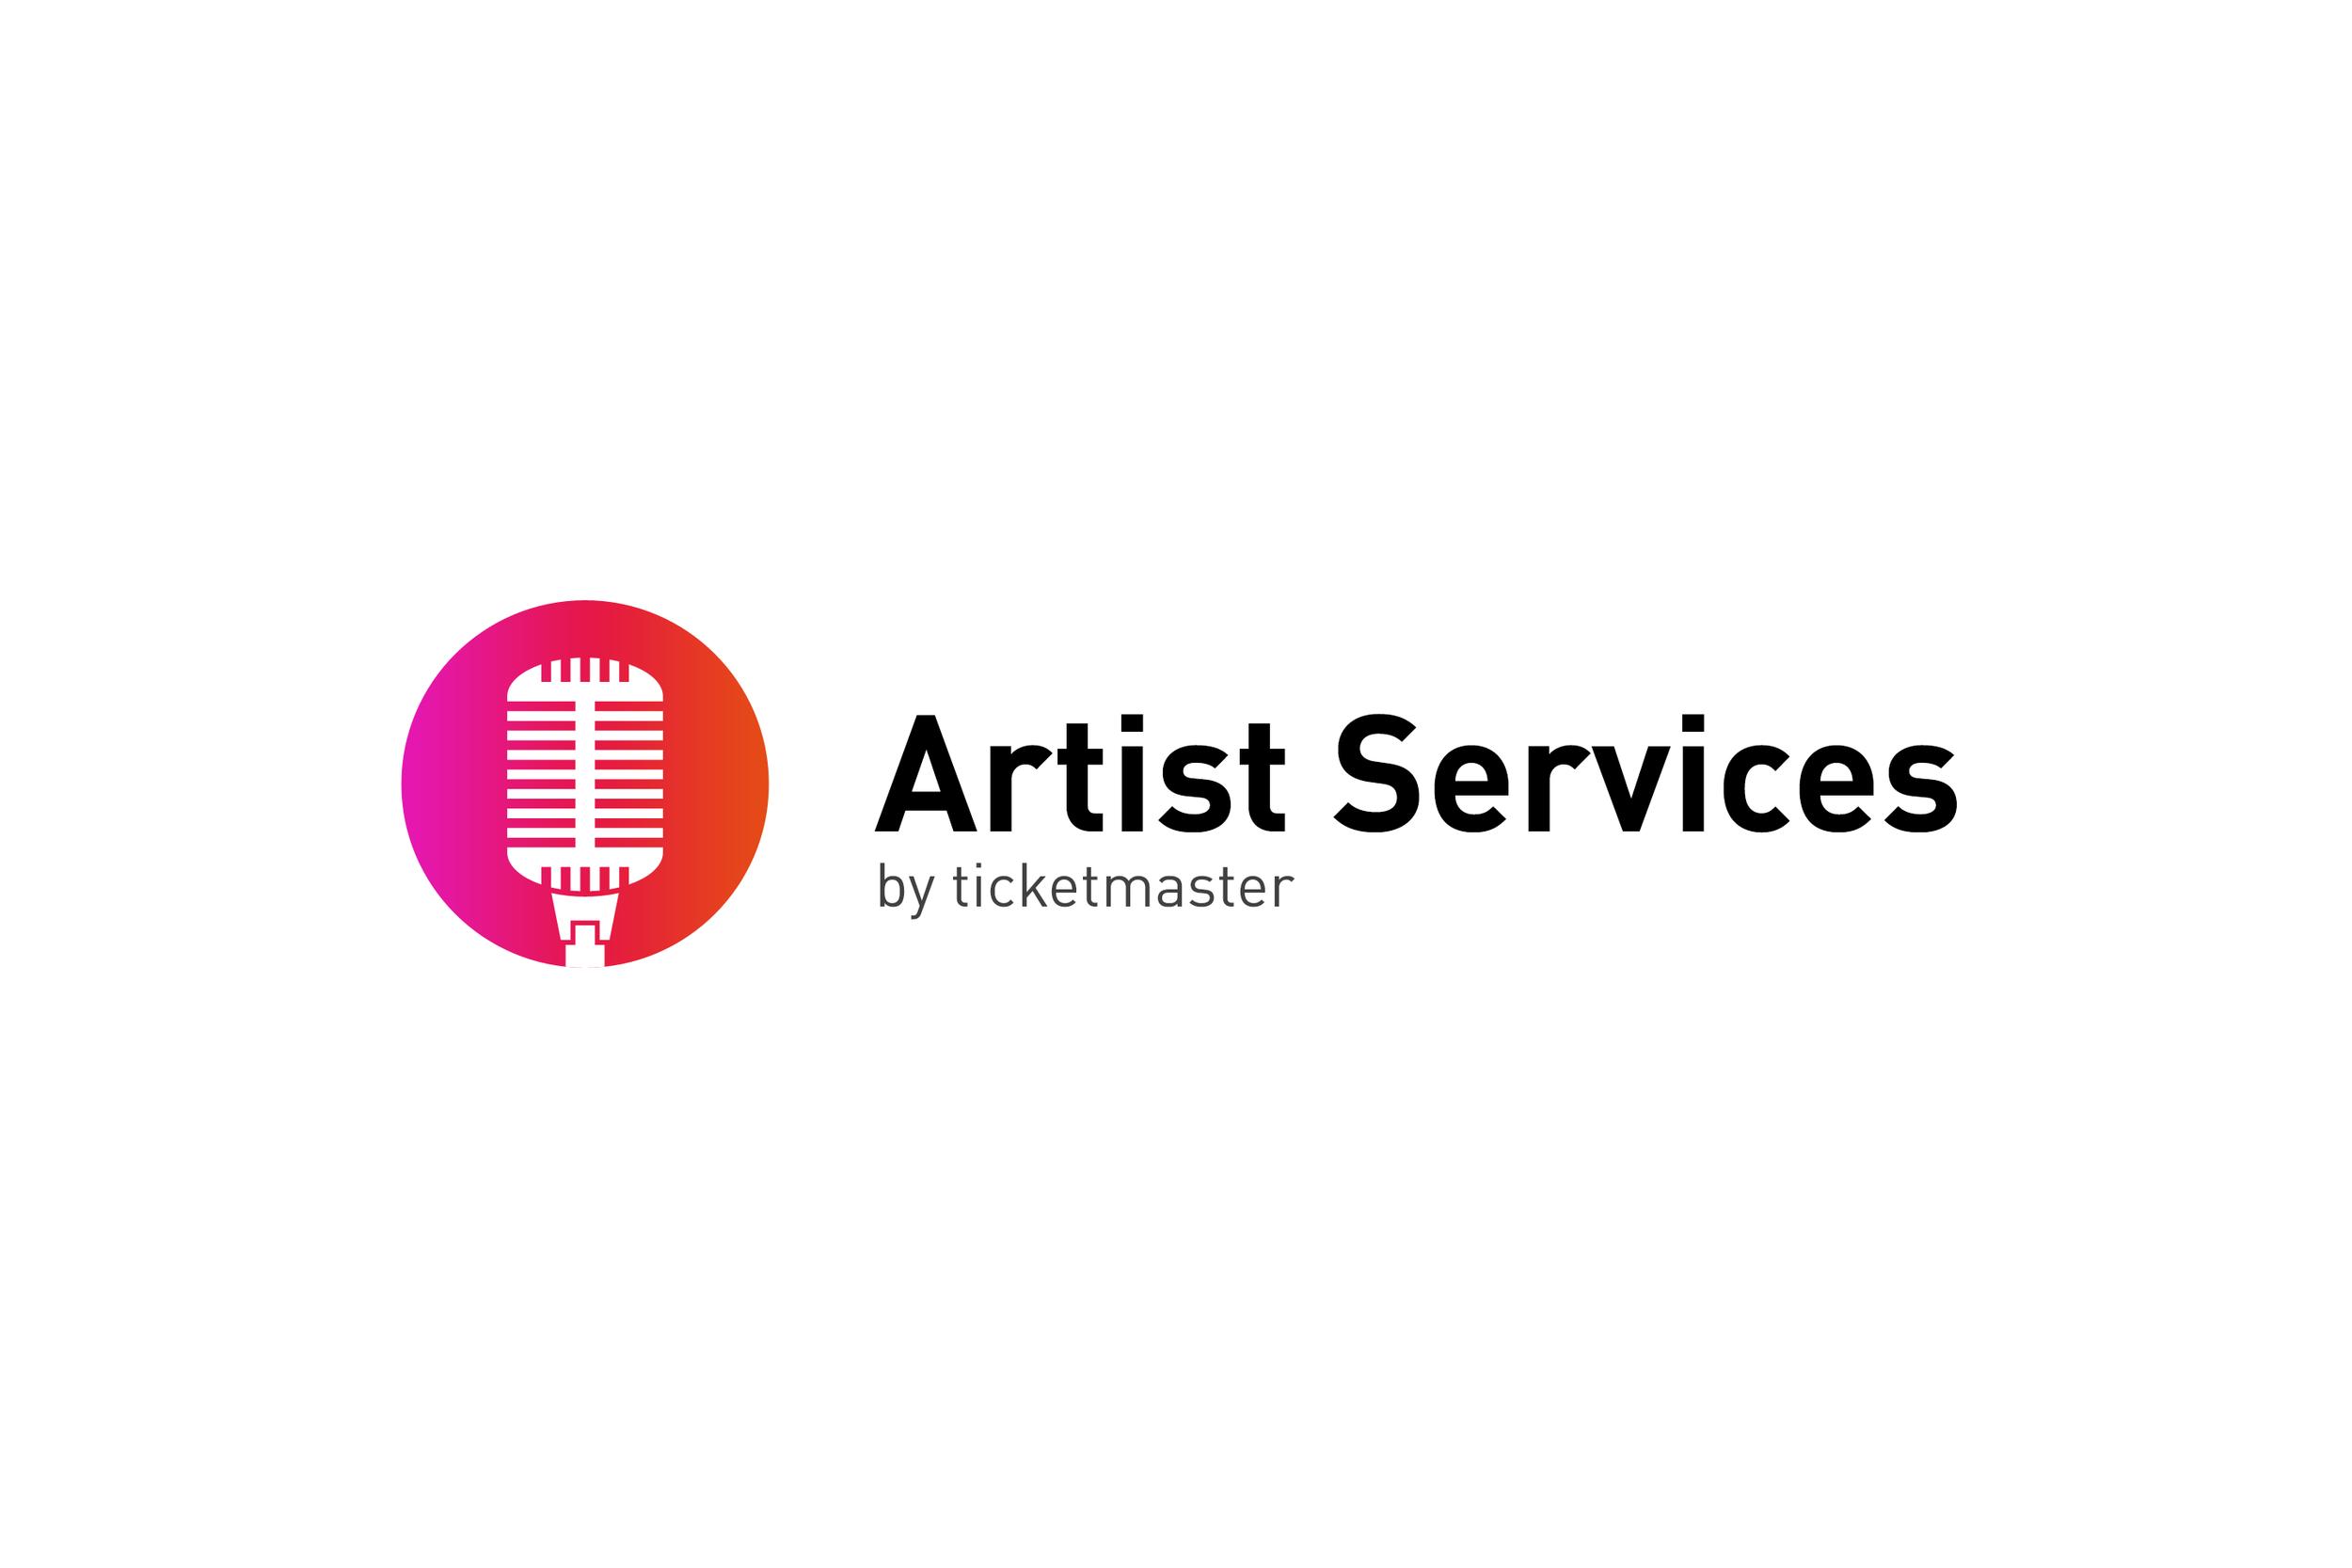 Artist Services Concept 2